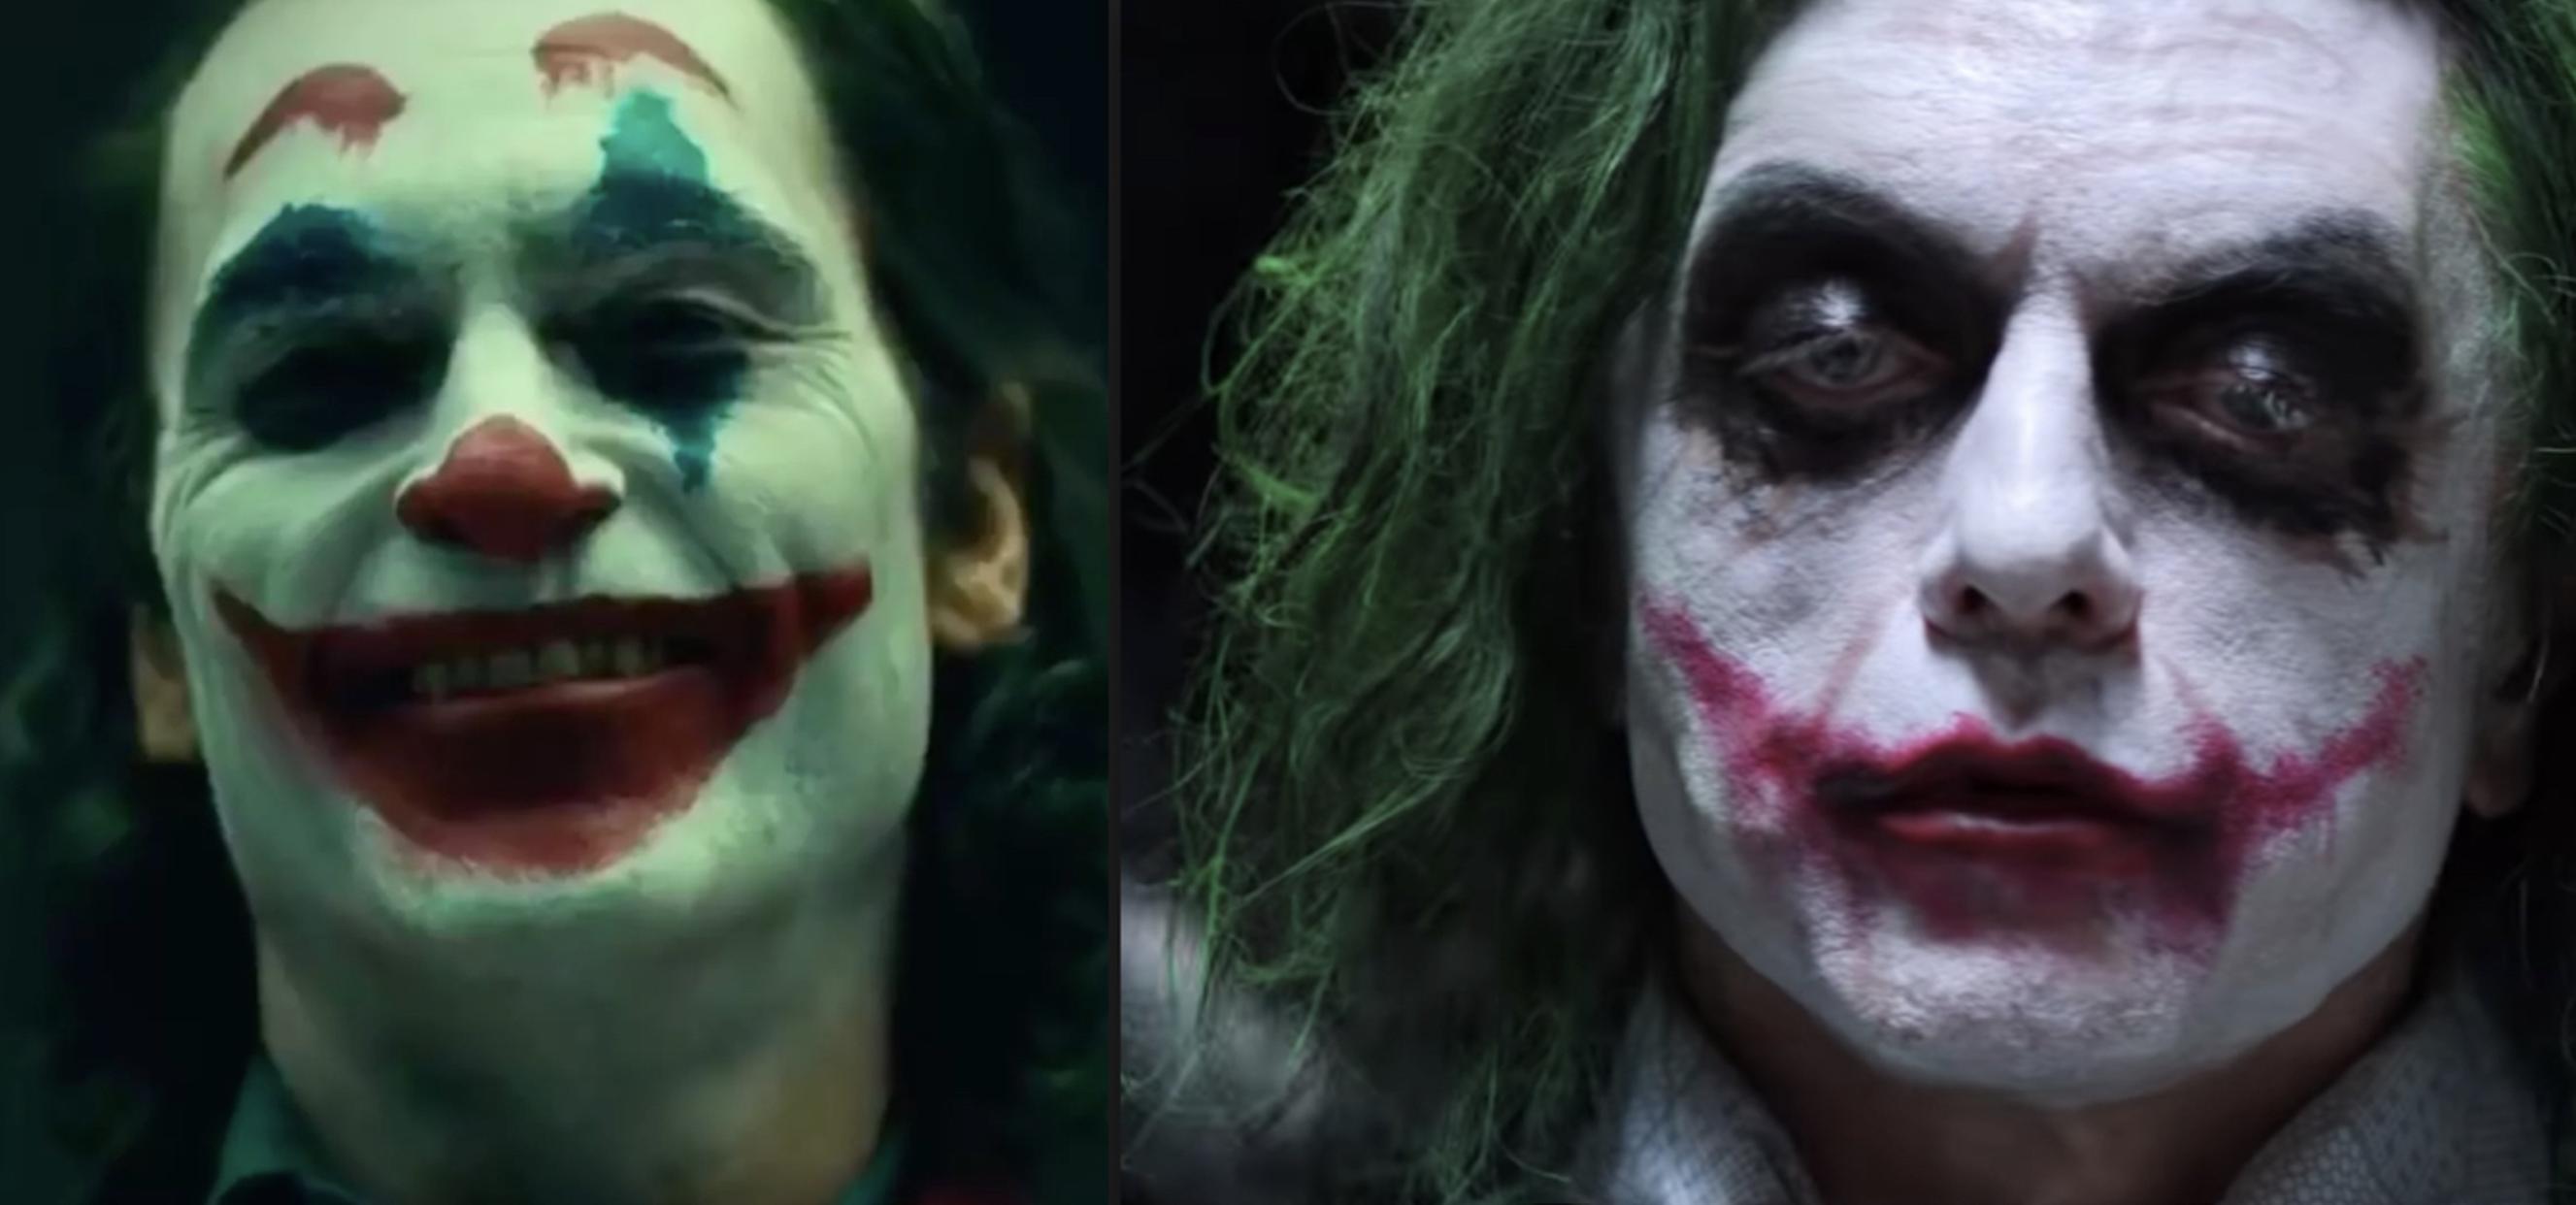 Joker Battle Royale Joaquin Phoenix Vs Tommy Wiseau